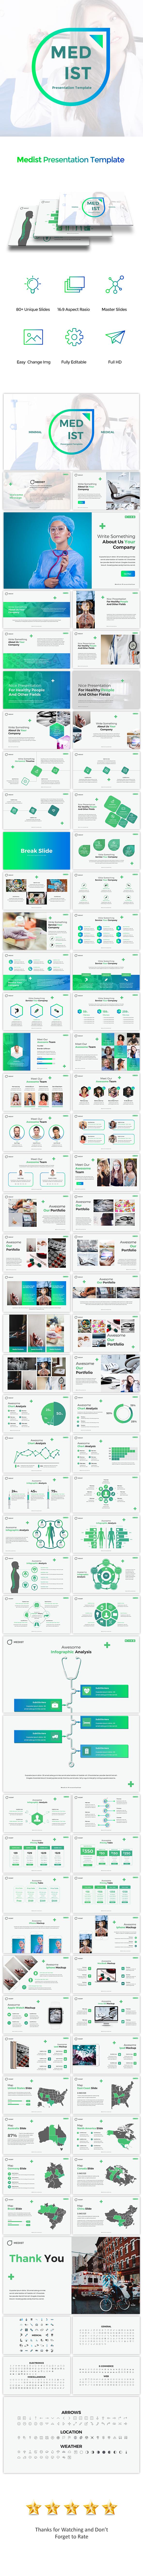 GraphicRiver Medist Powerpoint Presentation 21122474